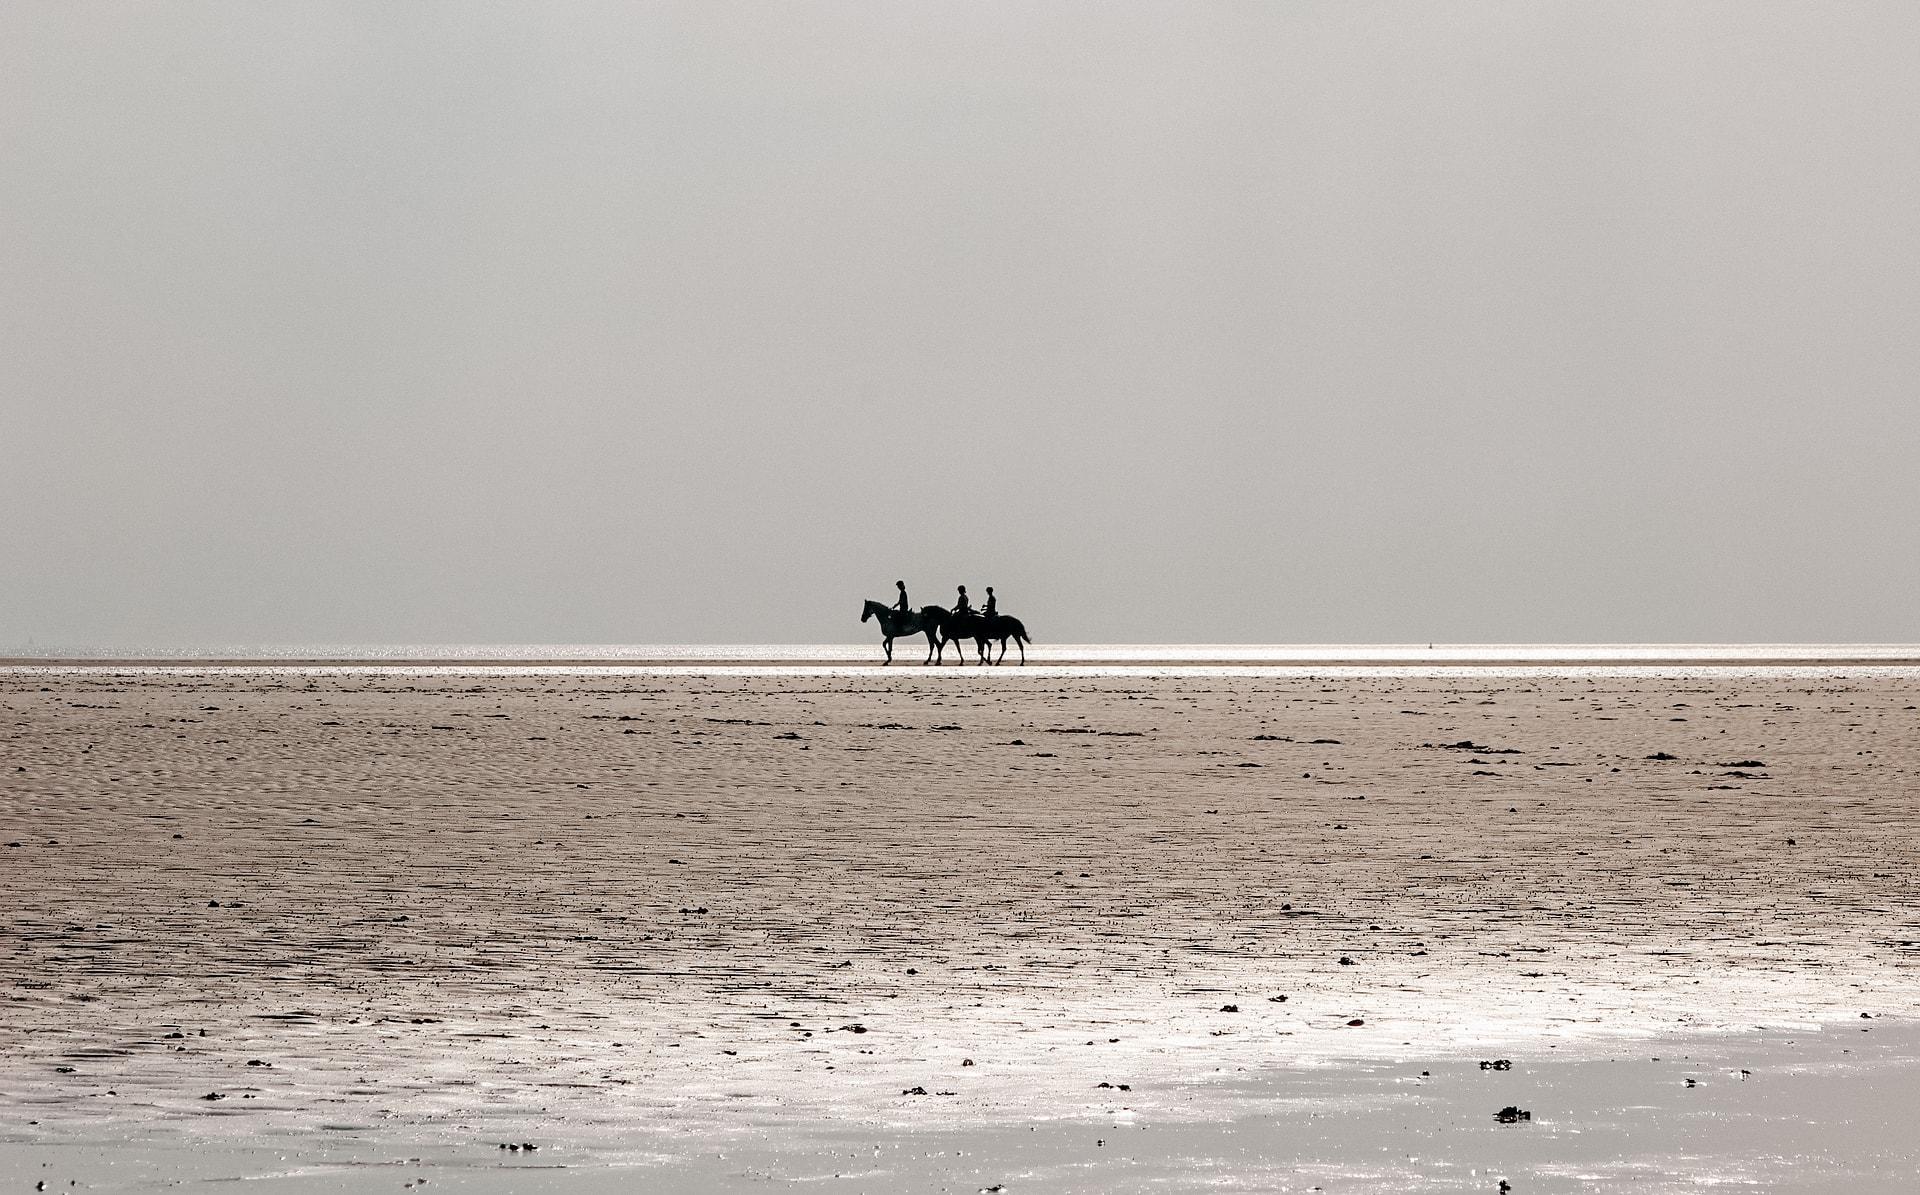 pferde mit reitern am strand von st. peter ording